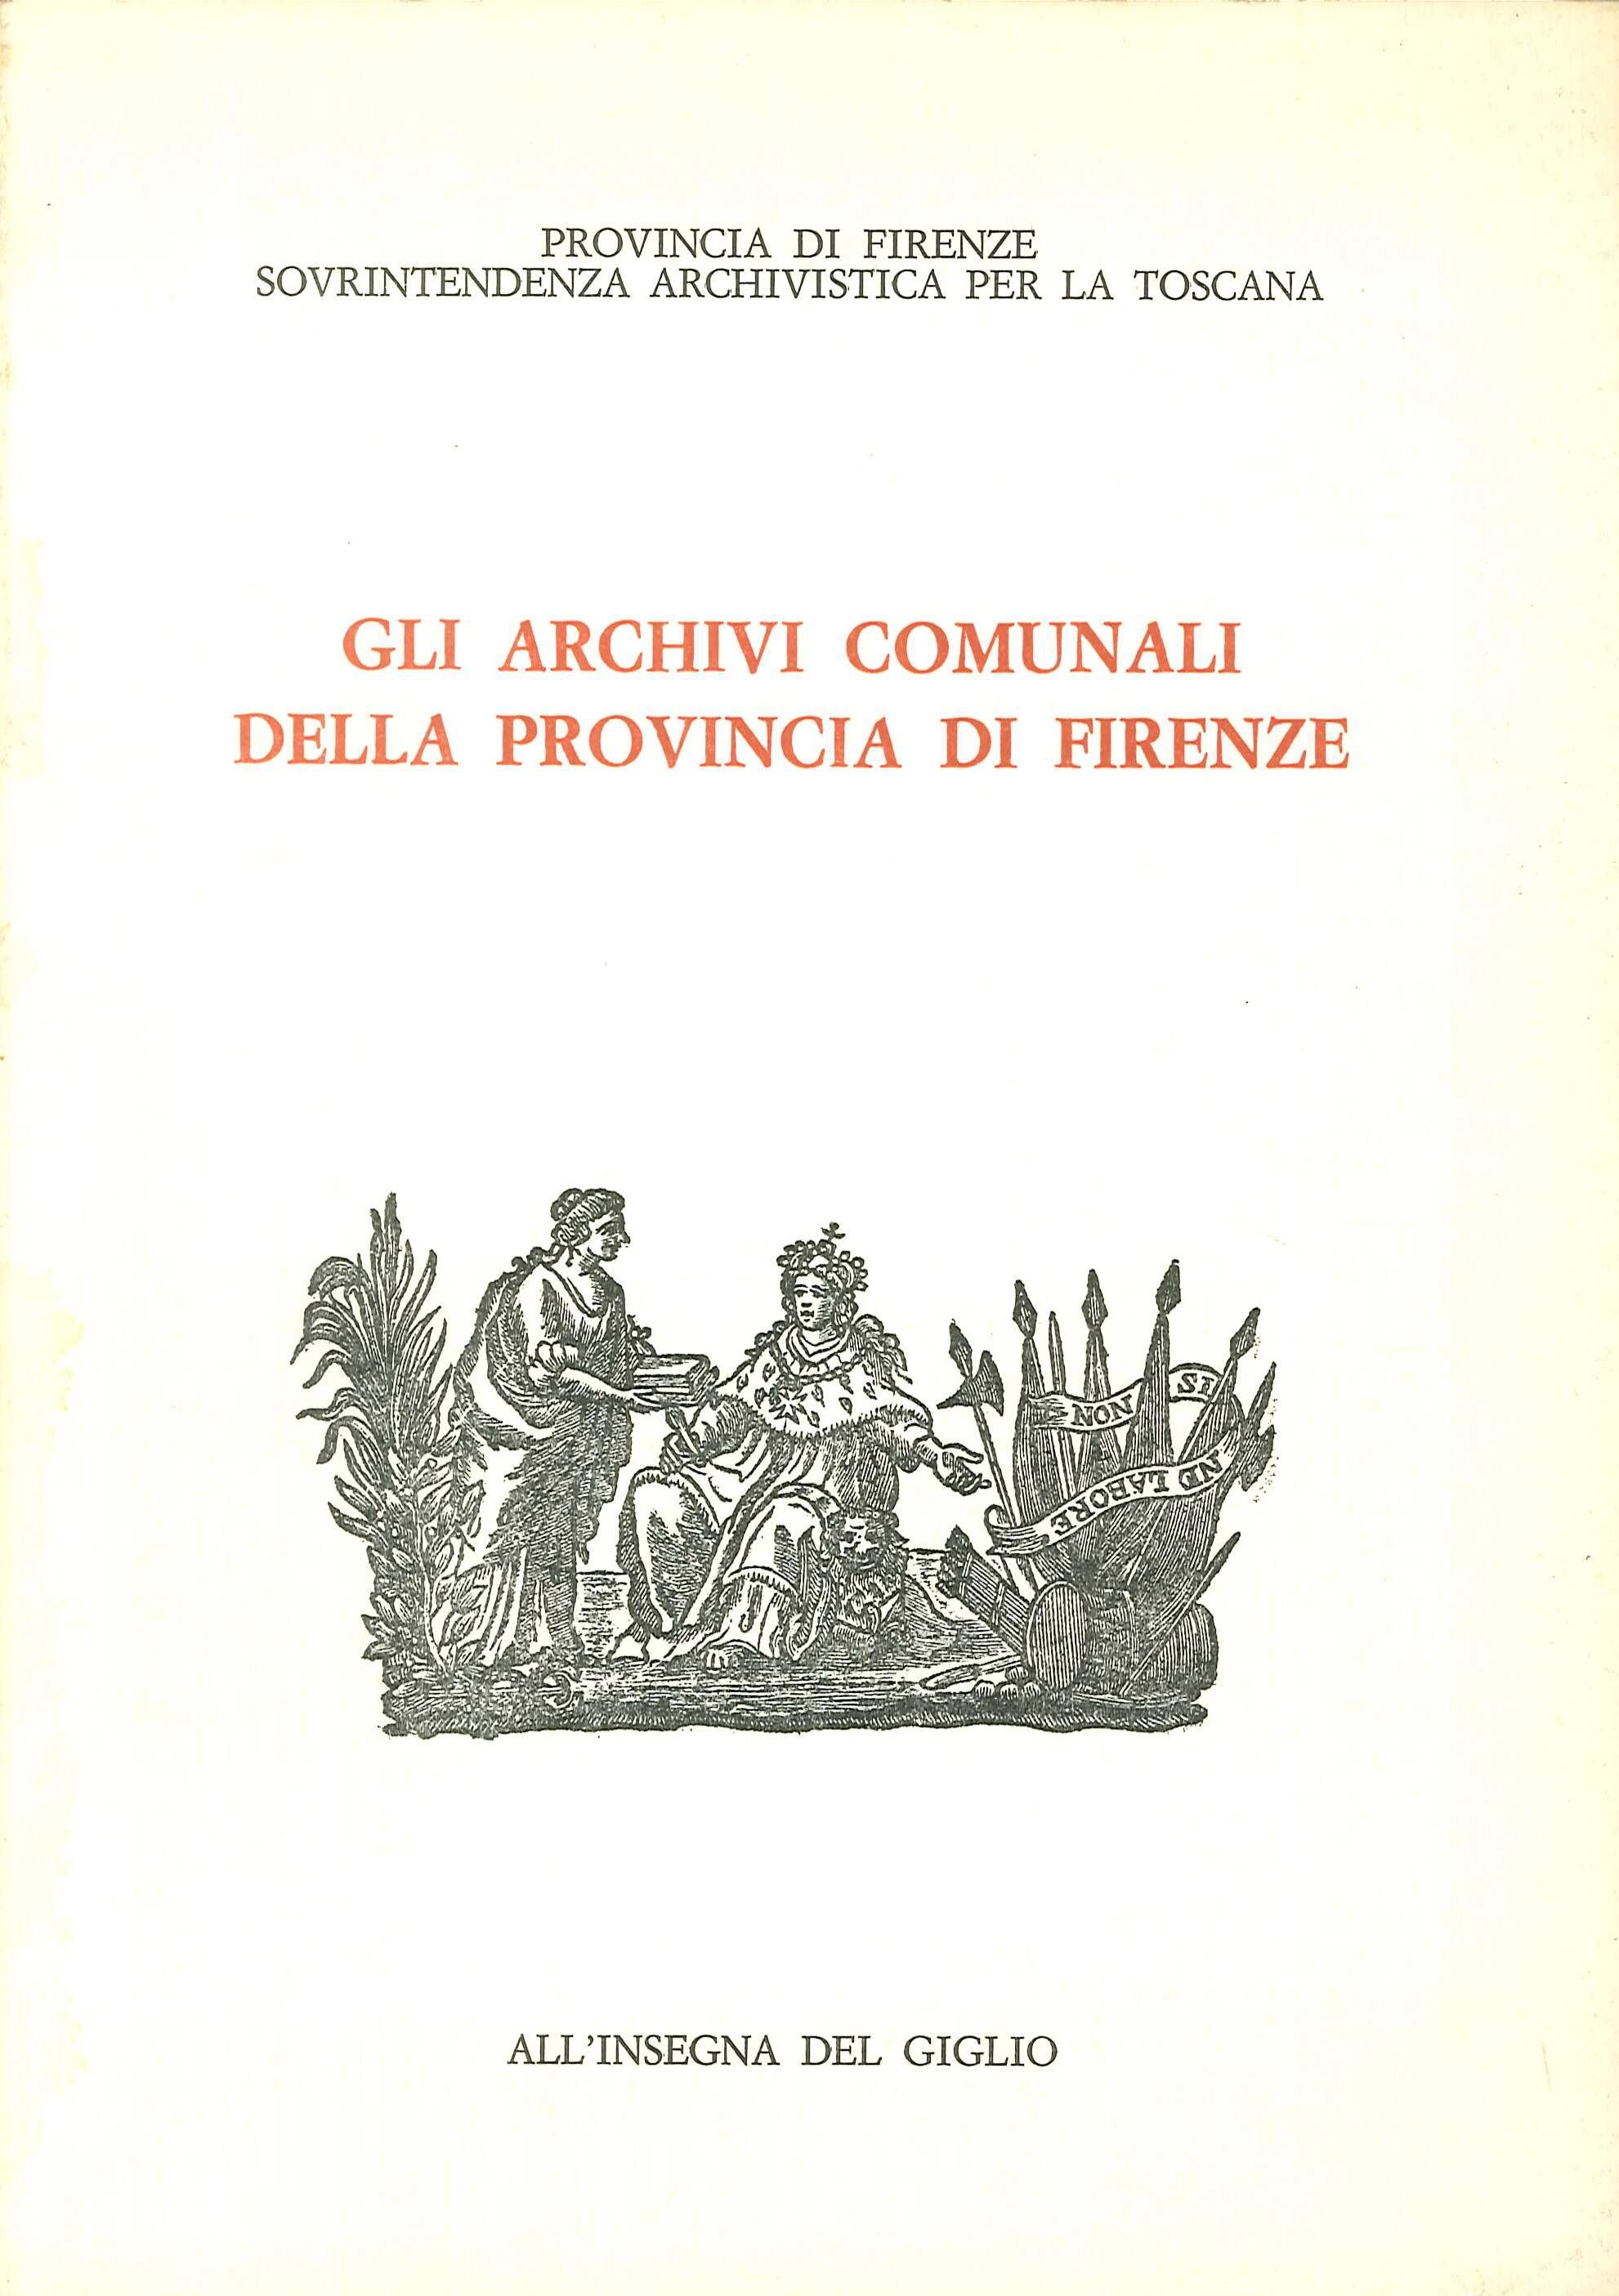 Gli Archivi Comunali della Provincia di Firenze